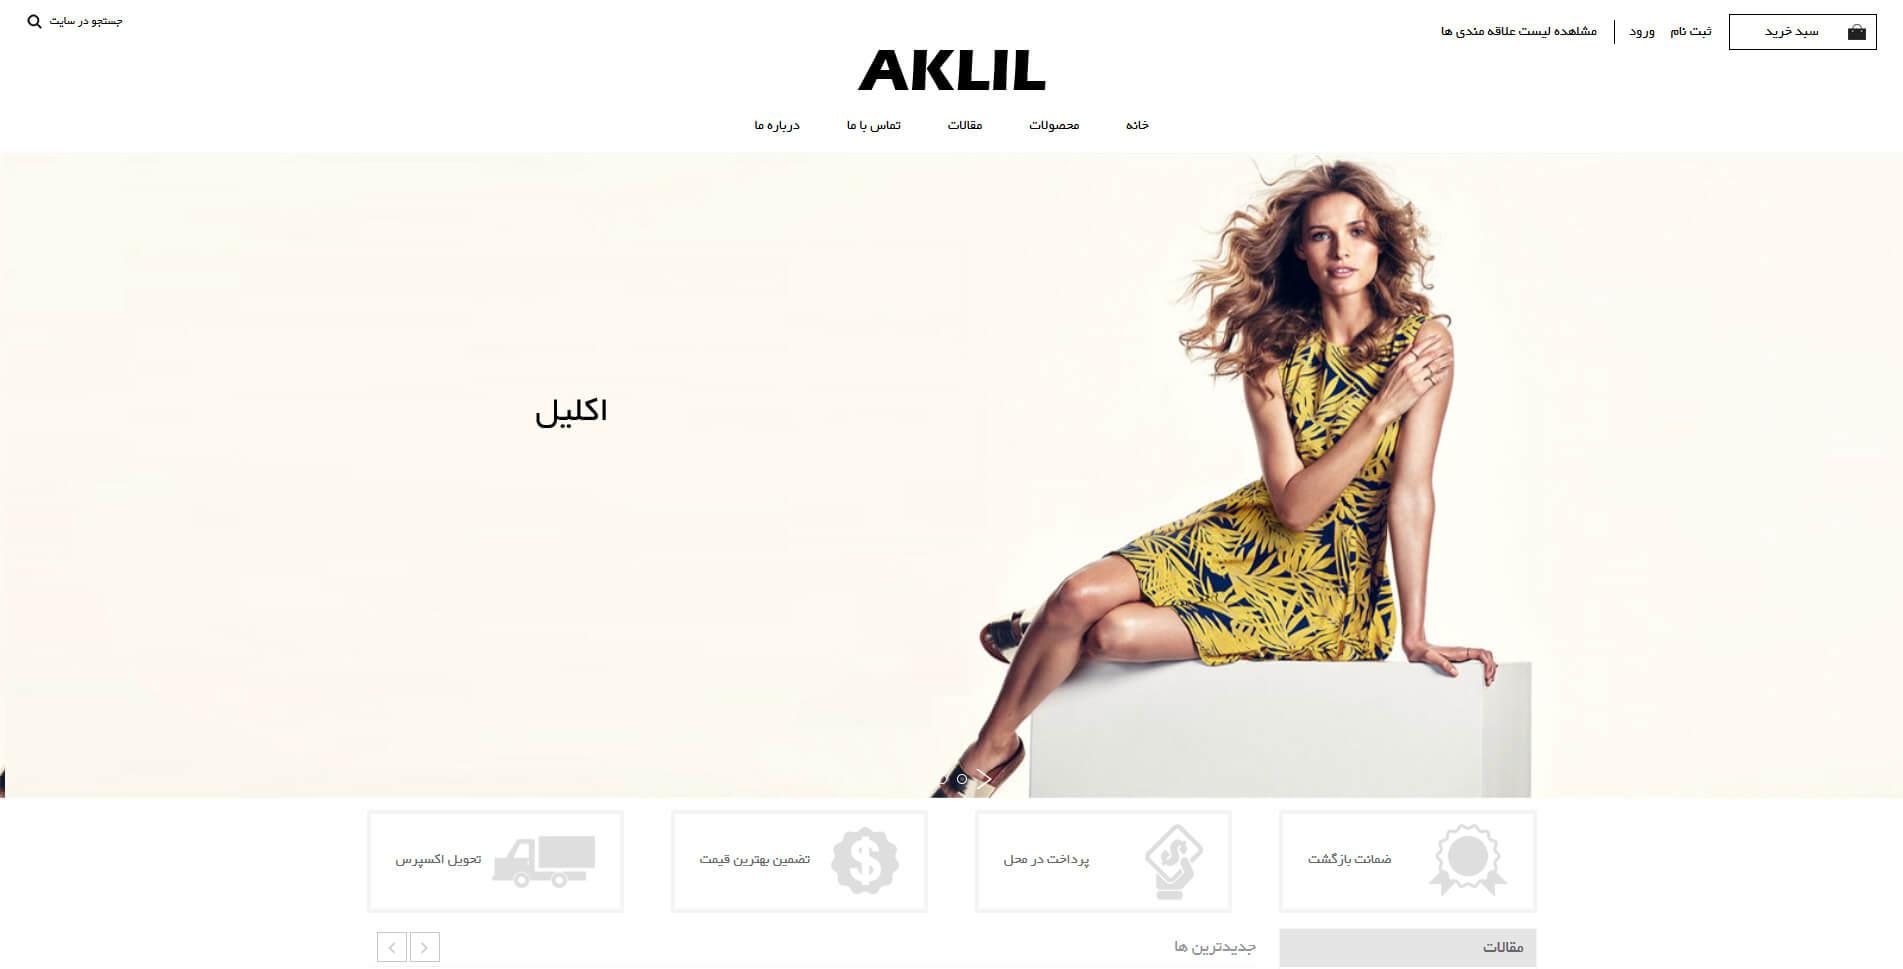 طراحی سایت فروشگاه اینترنتی اکلیل